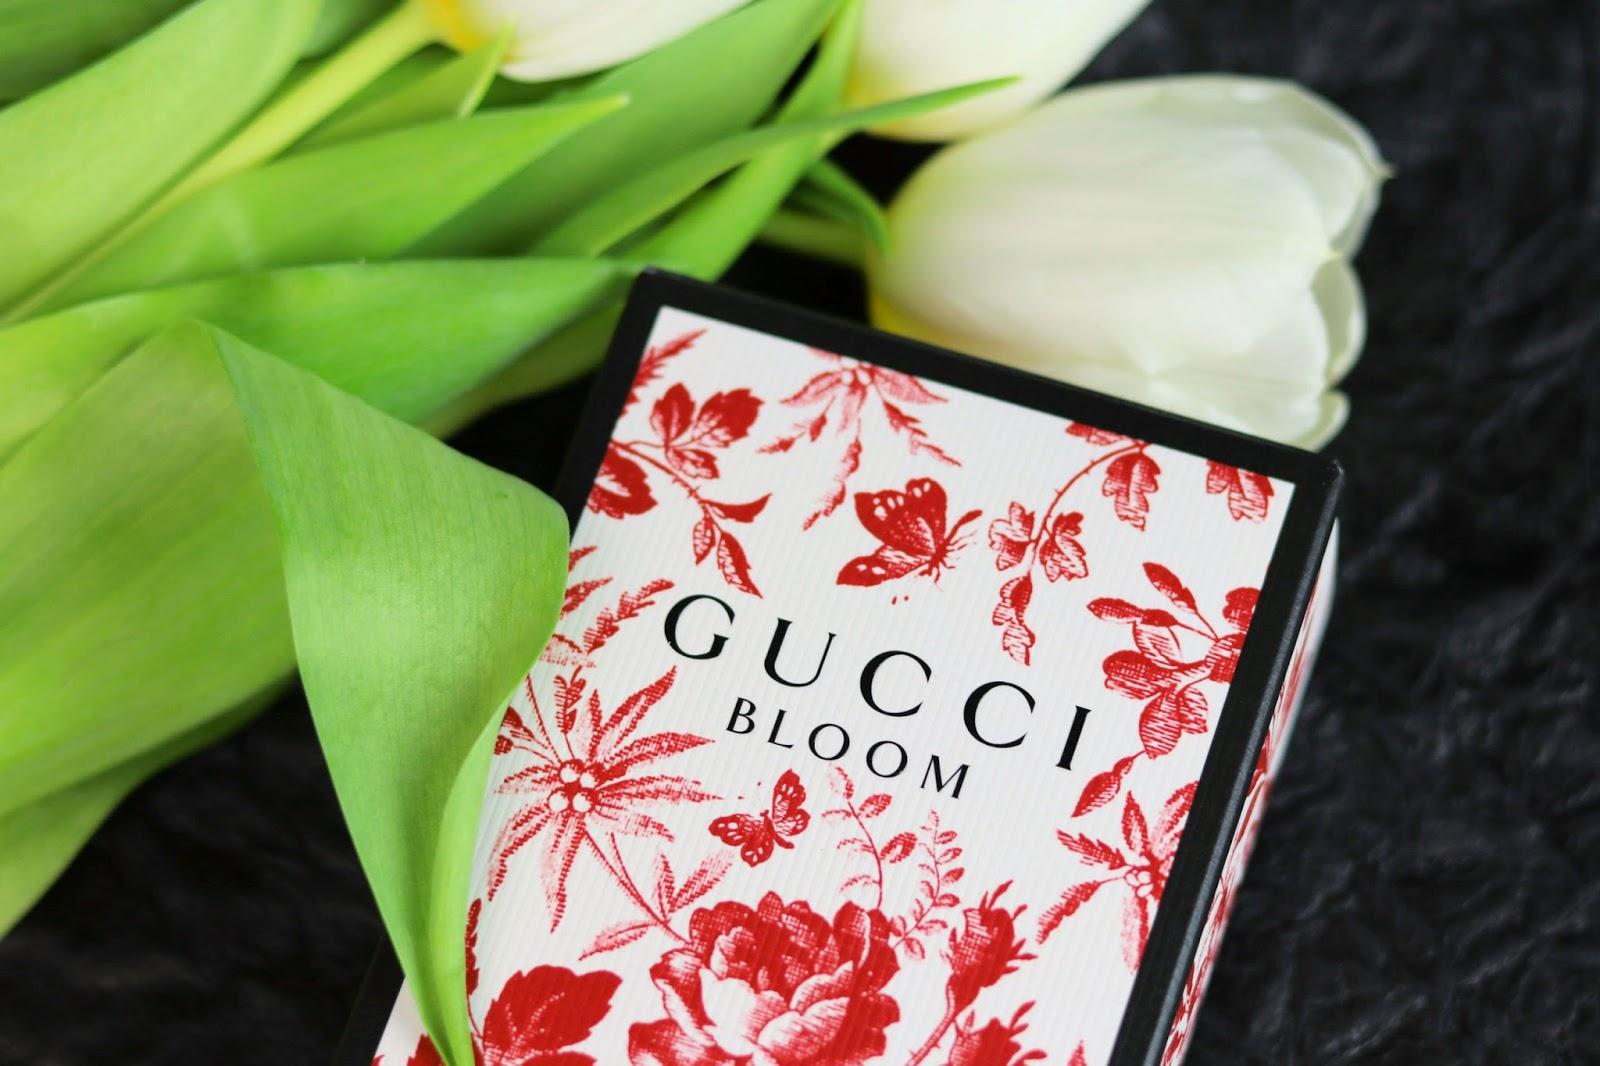 bloom, blumig, blumiger duft, damenduft, duftbeschreibung, eau de parfum, elegant, erfahrung, feminin, flakon, floral, geschenkidee, gucci, jasmin, online parfümerie, parfum.de, pudrig, review, spray, tuberose,